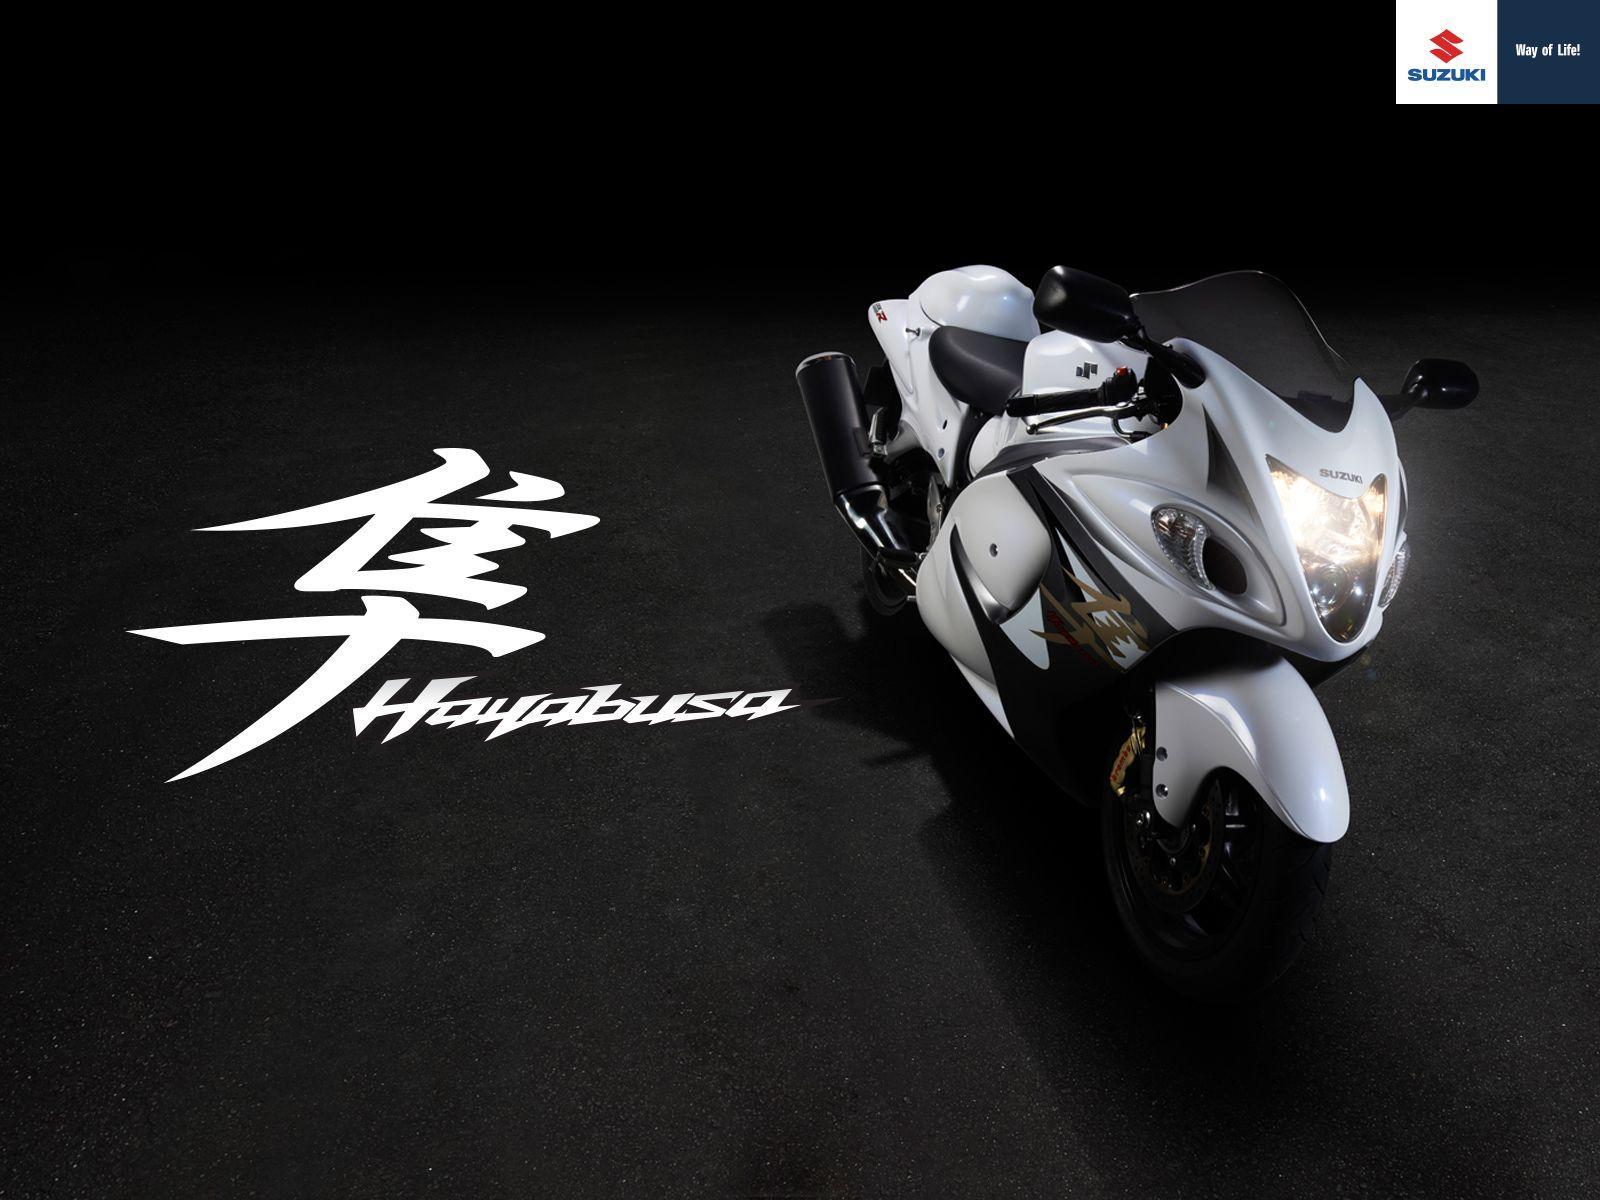 Suzuki Gsxr 1300 Hayabusa 2013 Desktop Background Wallpaper